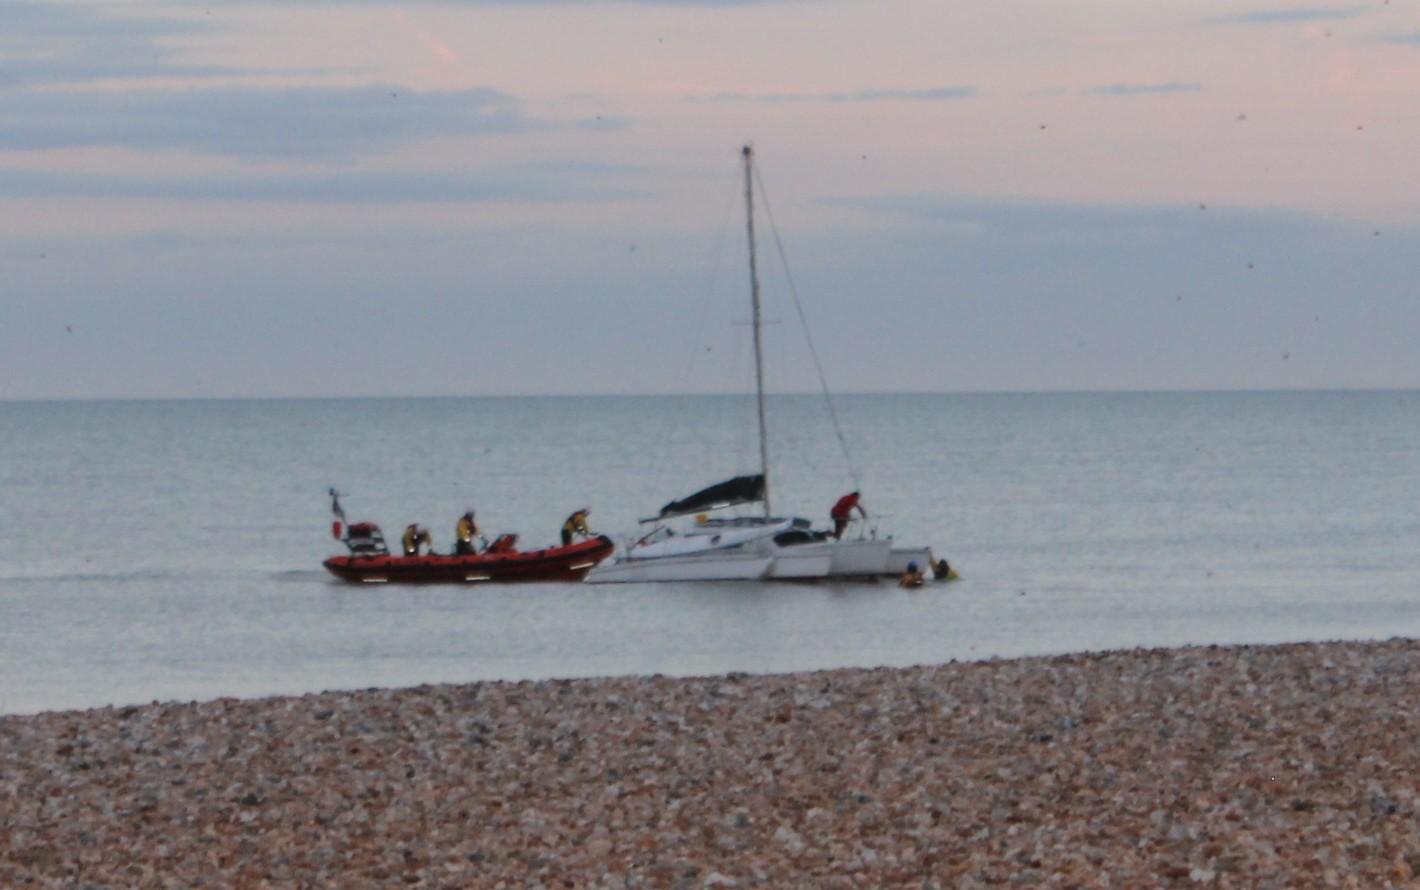 Littlestone Lifeboat aids sinking yacht